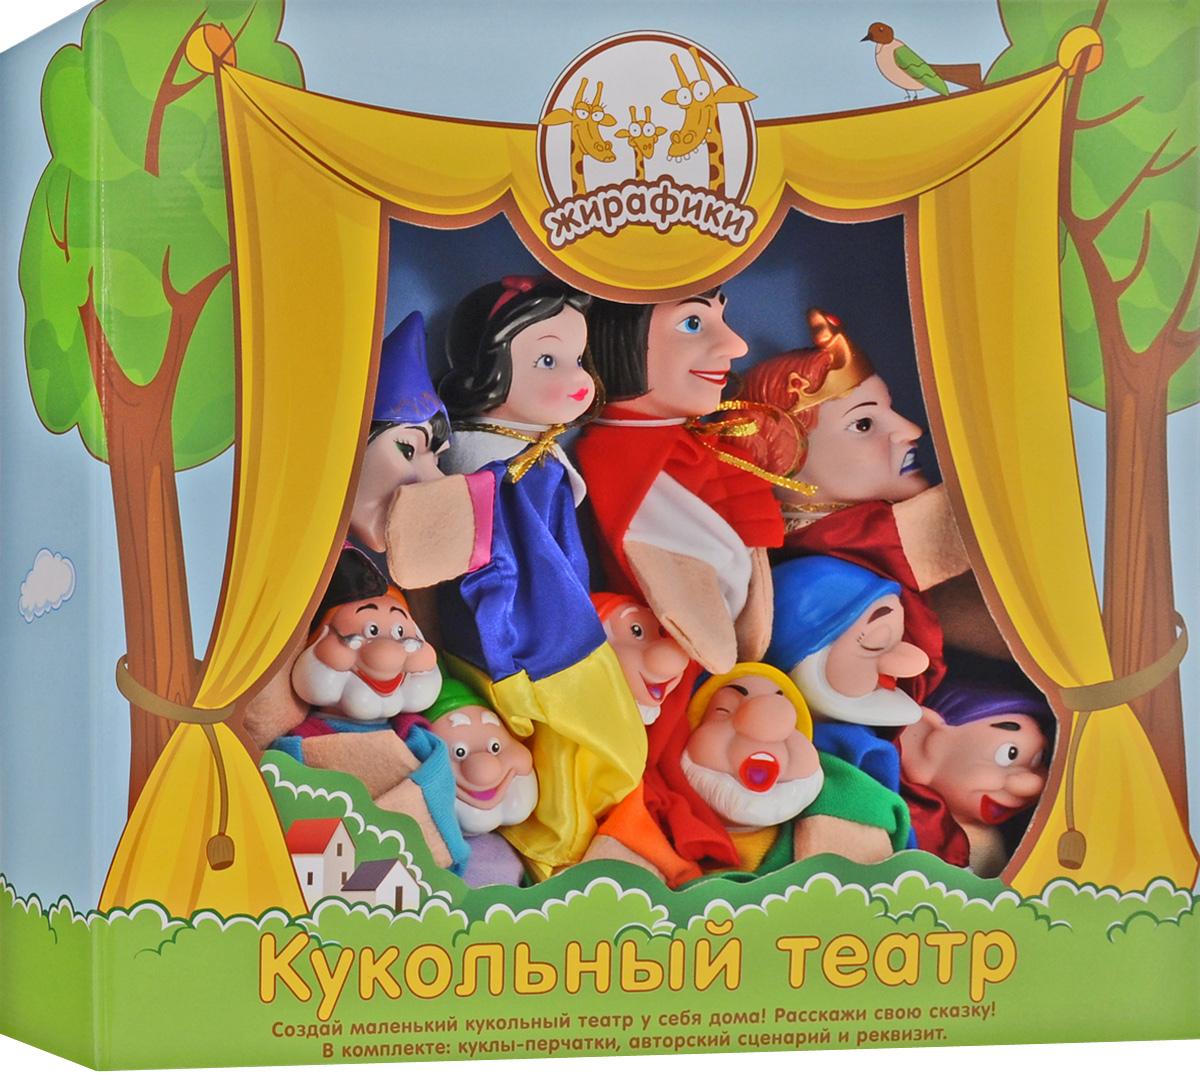 Жирафики Кукольный театр Белоснежка68352Кукольный театр - особое волшебство, целый мир, который ребенок может создать сам вместе с вами. И сделать это вы можете прямо у себя дома. Известно, что любые ролевые игры развивают детскую фантазию, помогают понять себя и окружающих. Участвуя в театральной постановке, ребенок раскрывается, в результате чего учится общаться. Весь мир театр, а люди в нем актеры, - сказал Шекспир. И это действительно так, ведь наше ежедневное общение - это своеобразный ритуал, очень похожий на театральный. Все мы надеваем маски, все играем роли в той или иной ситуации, даже дети. Научиться общению, развить воображение и овладеть даром слова поможет театр. Это - прекрасный опыт публичных выступлений, здесь можно научиться говорить и не бояться публики. Кстати, театр кукол - замечательный способ преодолеть застенчивость и страх перед зрителями. Многие дети порой стесняются не только выходить на сцену, но даже рассказывать стихи перед аудиторией. А когда играешь с куклой, можно...